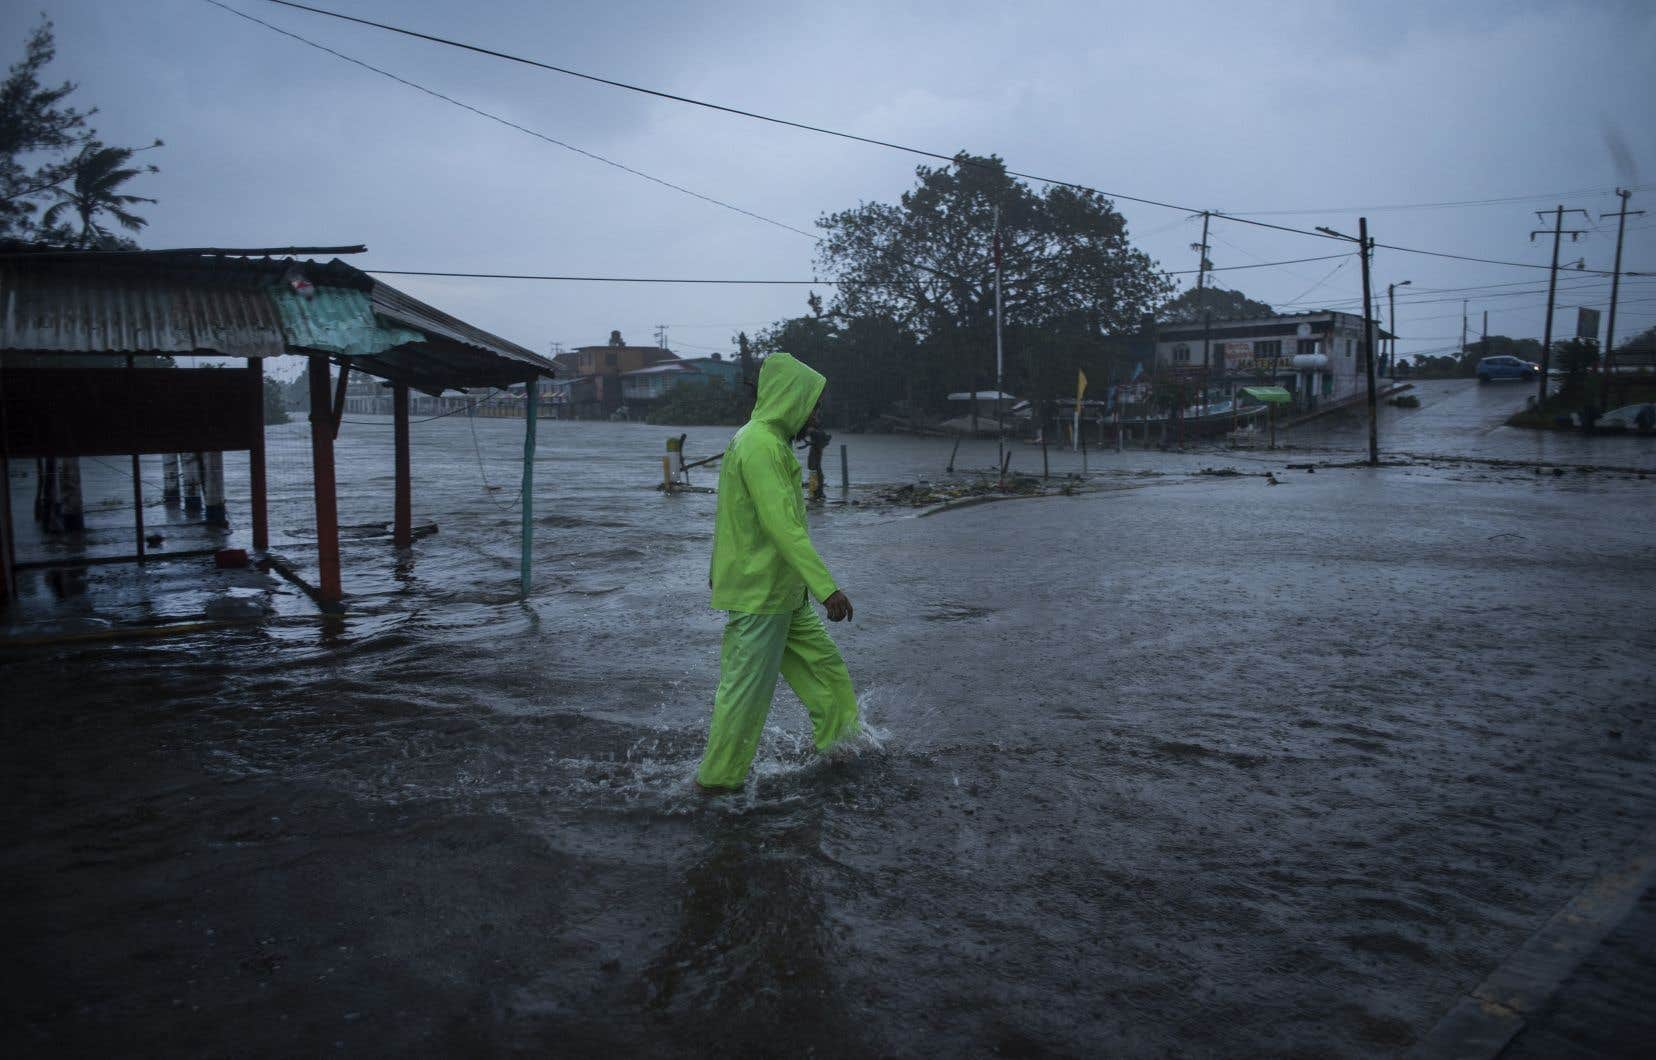 Il y a une semaine, le Mexique a subi le passage de l'ouragan Grace, qui avait touché terre à Veracruz (est) en tant qu'ouragan de catégorie 3. Le passage de Grace a fait onze morts dans cet État et dans celui de Puebla (centre).